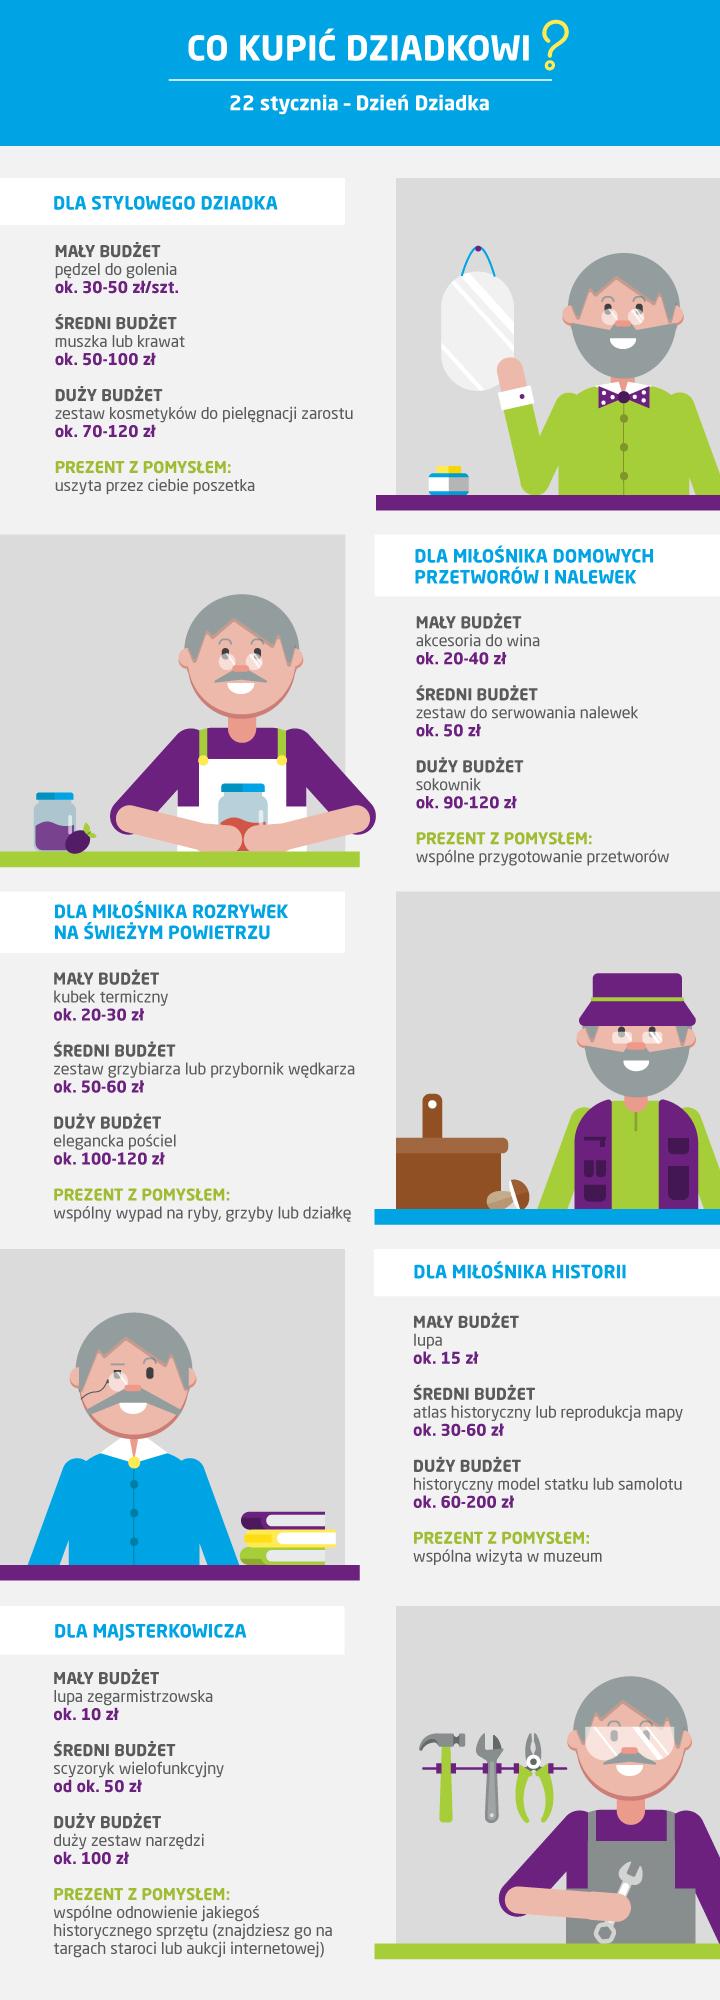 Co kupić dziadkowi? Pomysły na prezent z okazji Dnia Dziadka